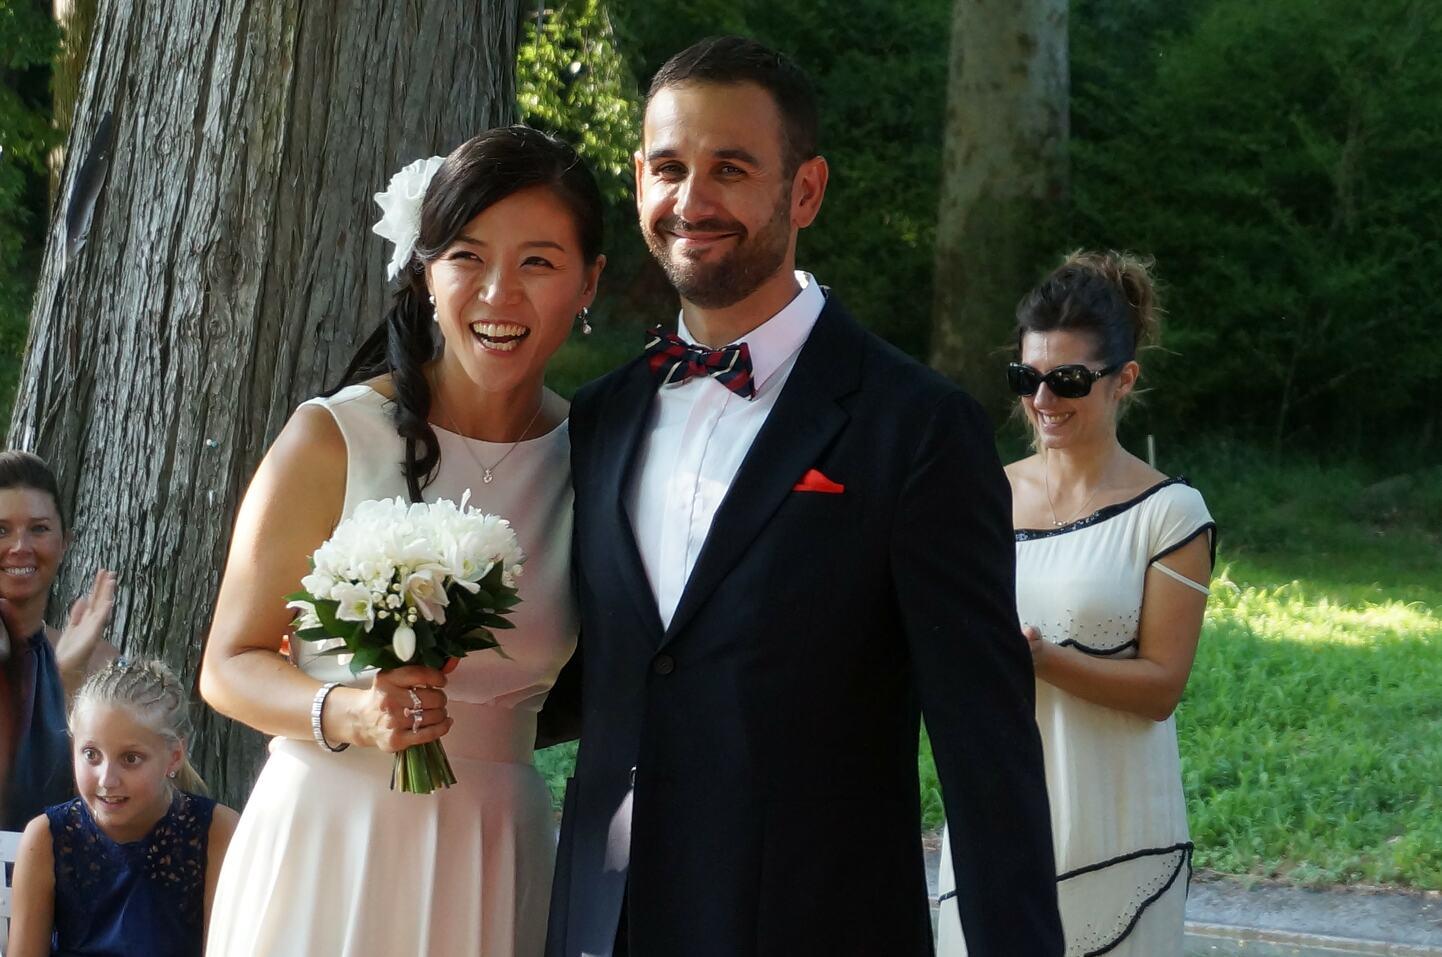 韓国出身サン氏の結婚式